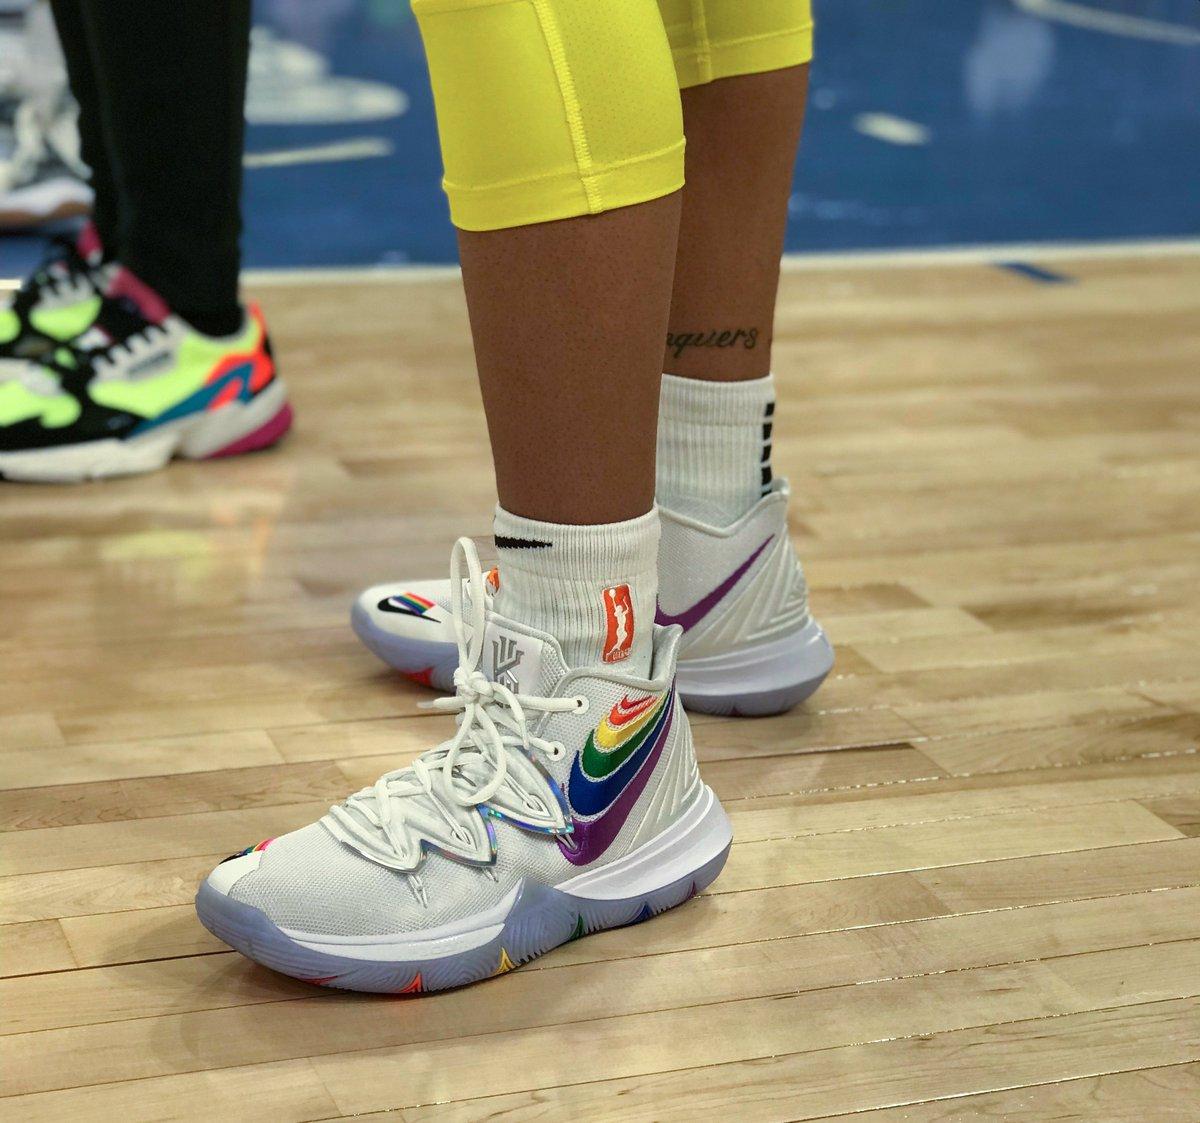 BeTrue kicks! #Pride #WNBAKicks